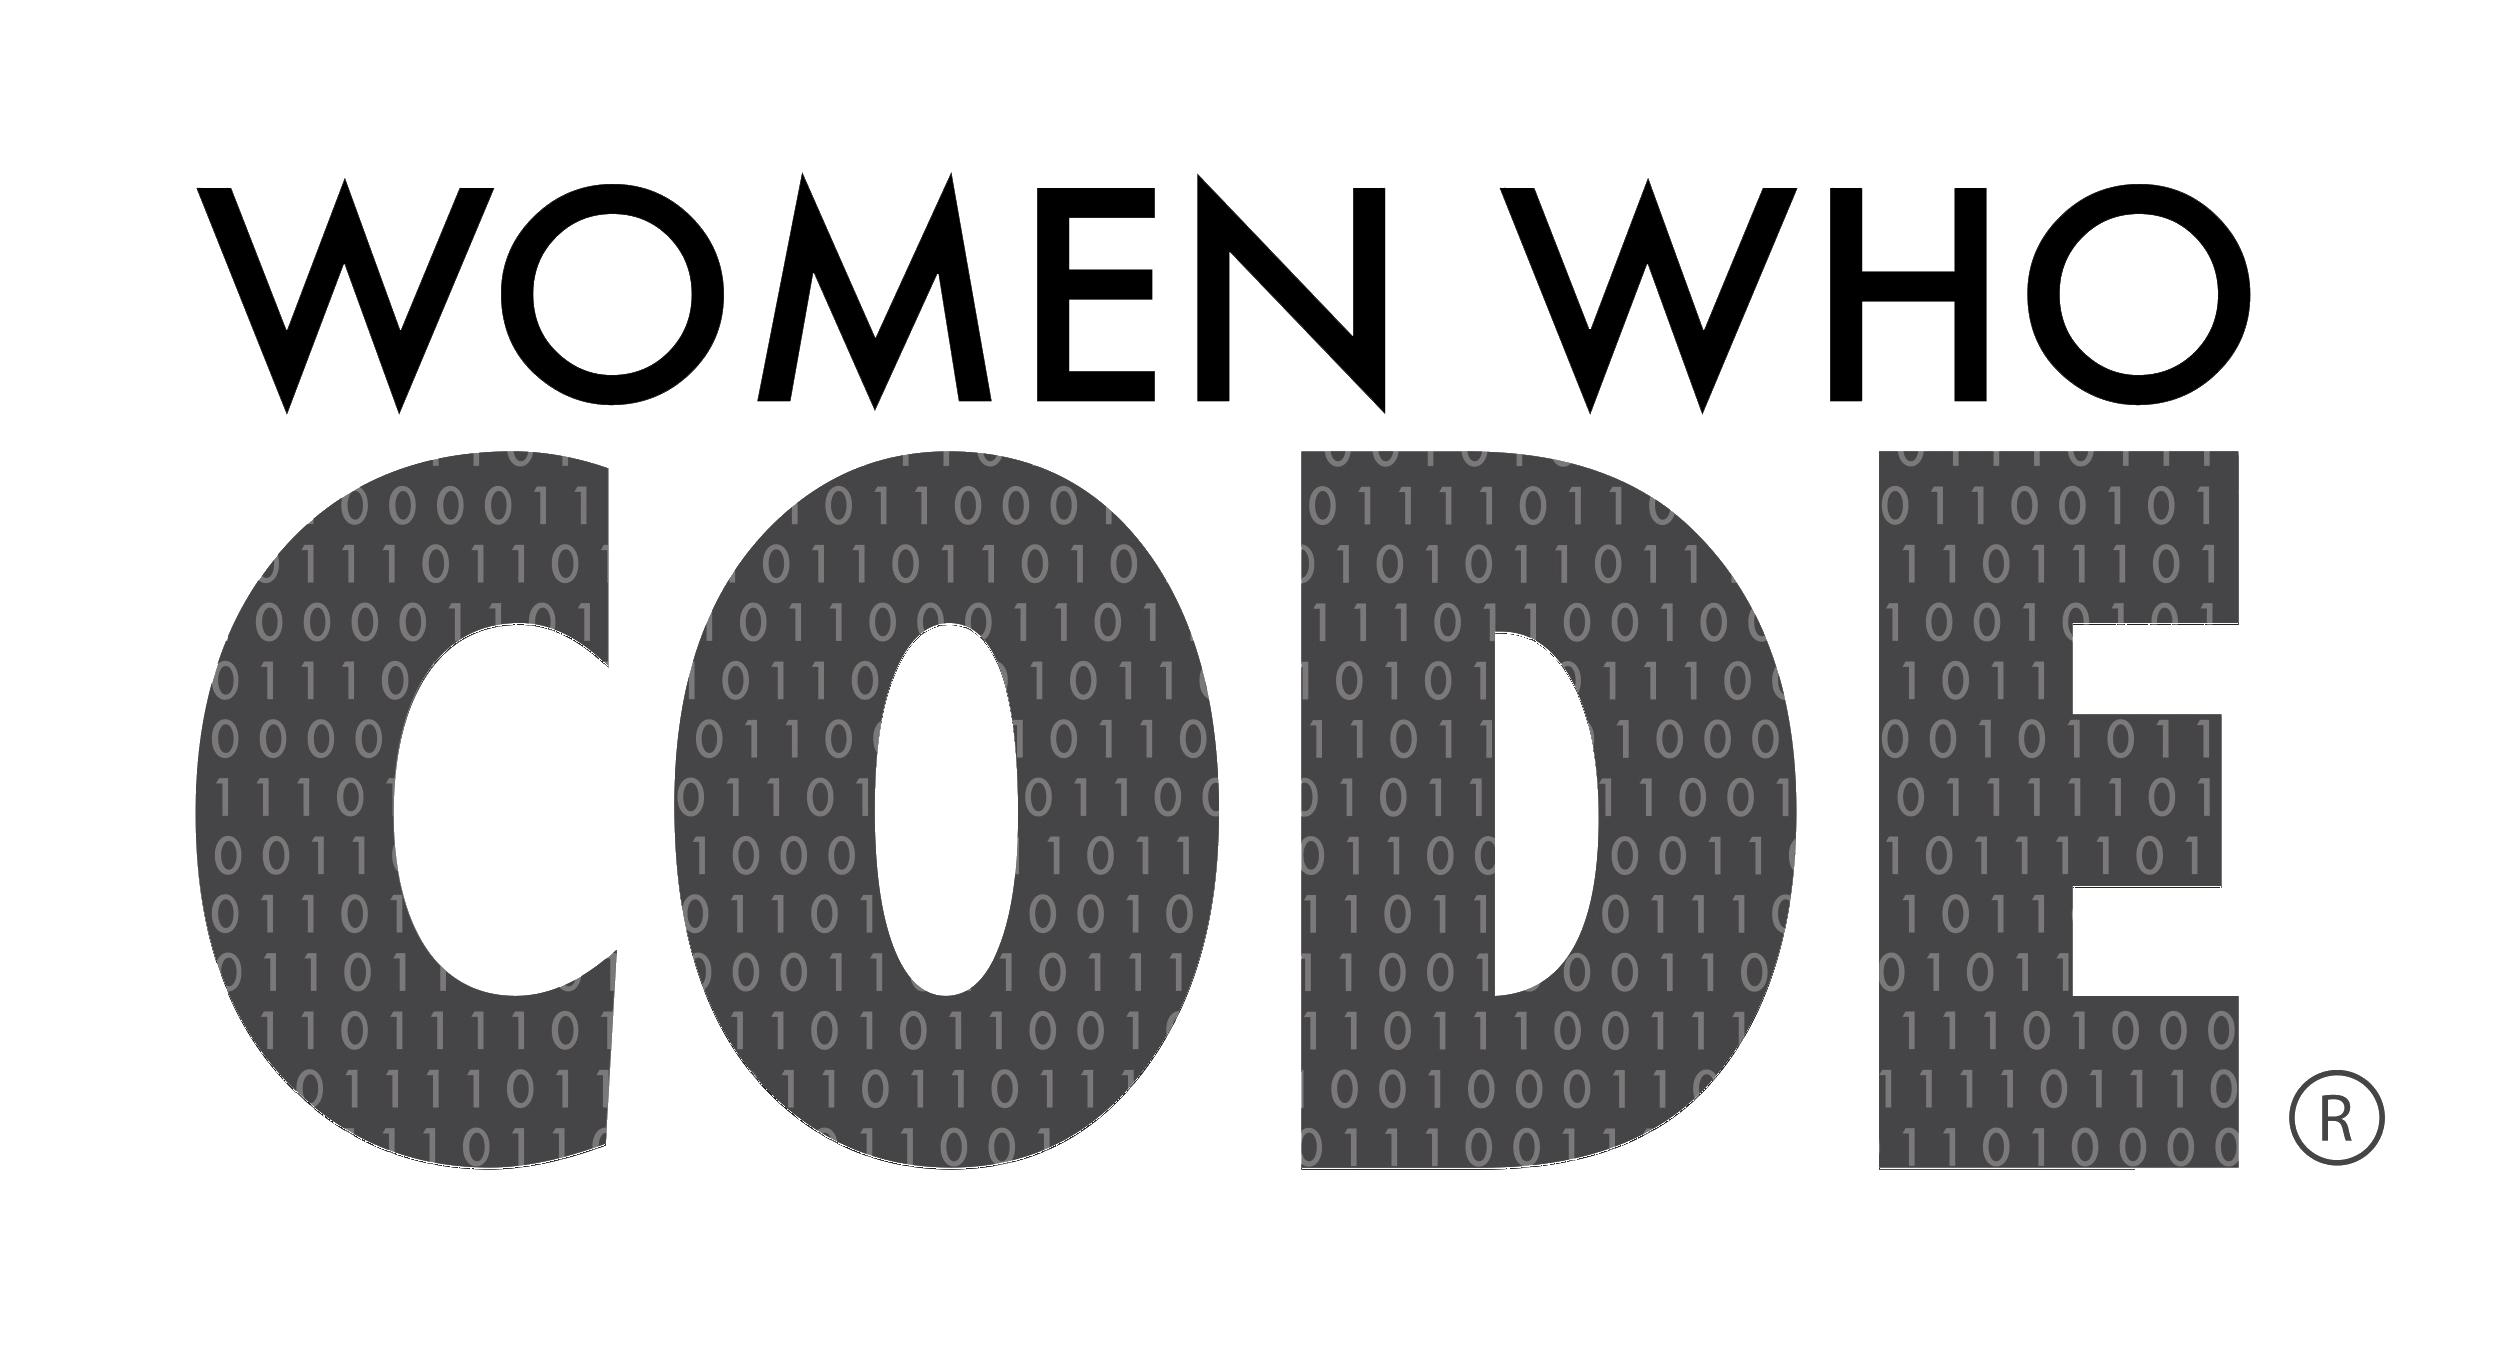 Women Who Code Inc